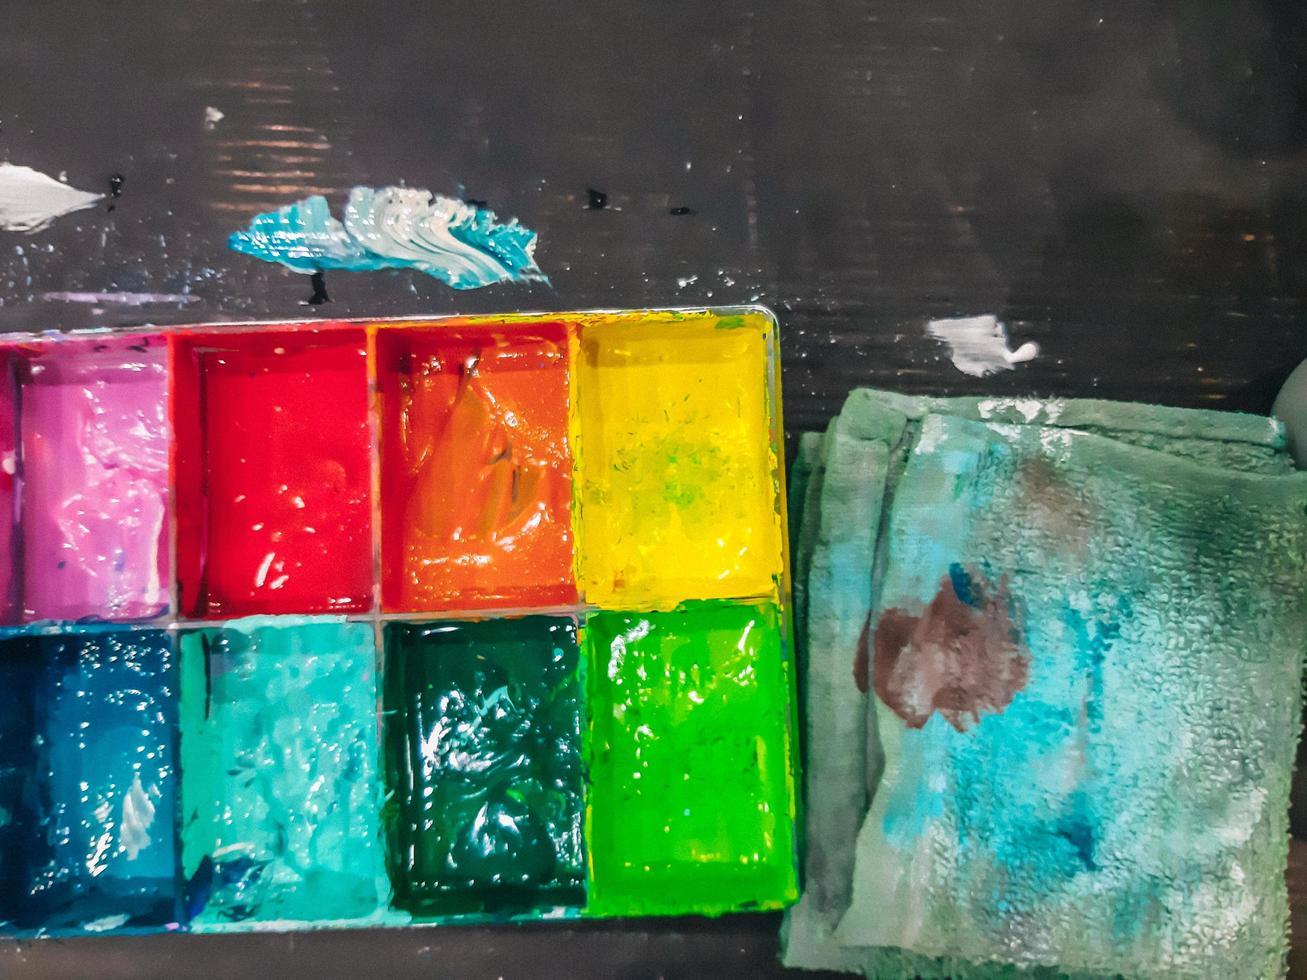 acquerello in una tavolozza, la tavolozza colori ad acqua sul tavolo, molti colori nella tavolozza colori ad acqua foto